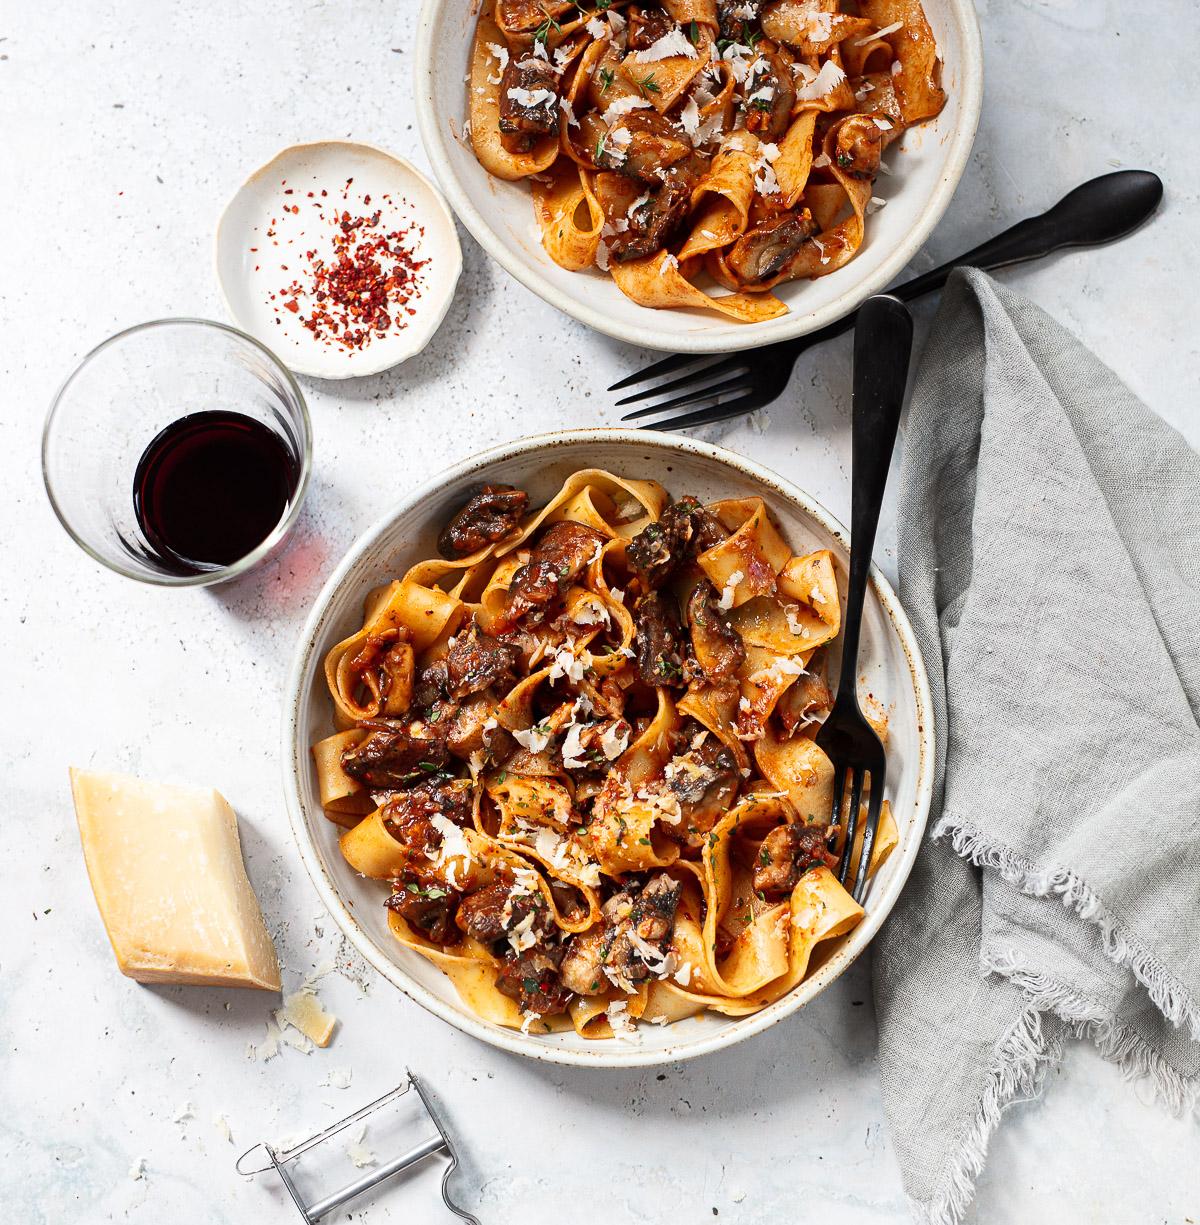 Delicious Portobello Mushroom Recipes